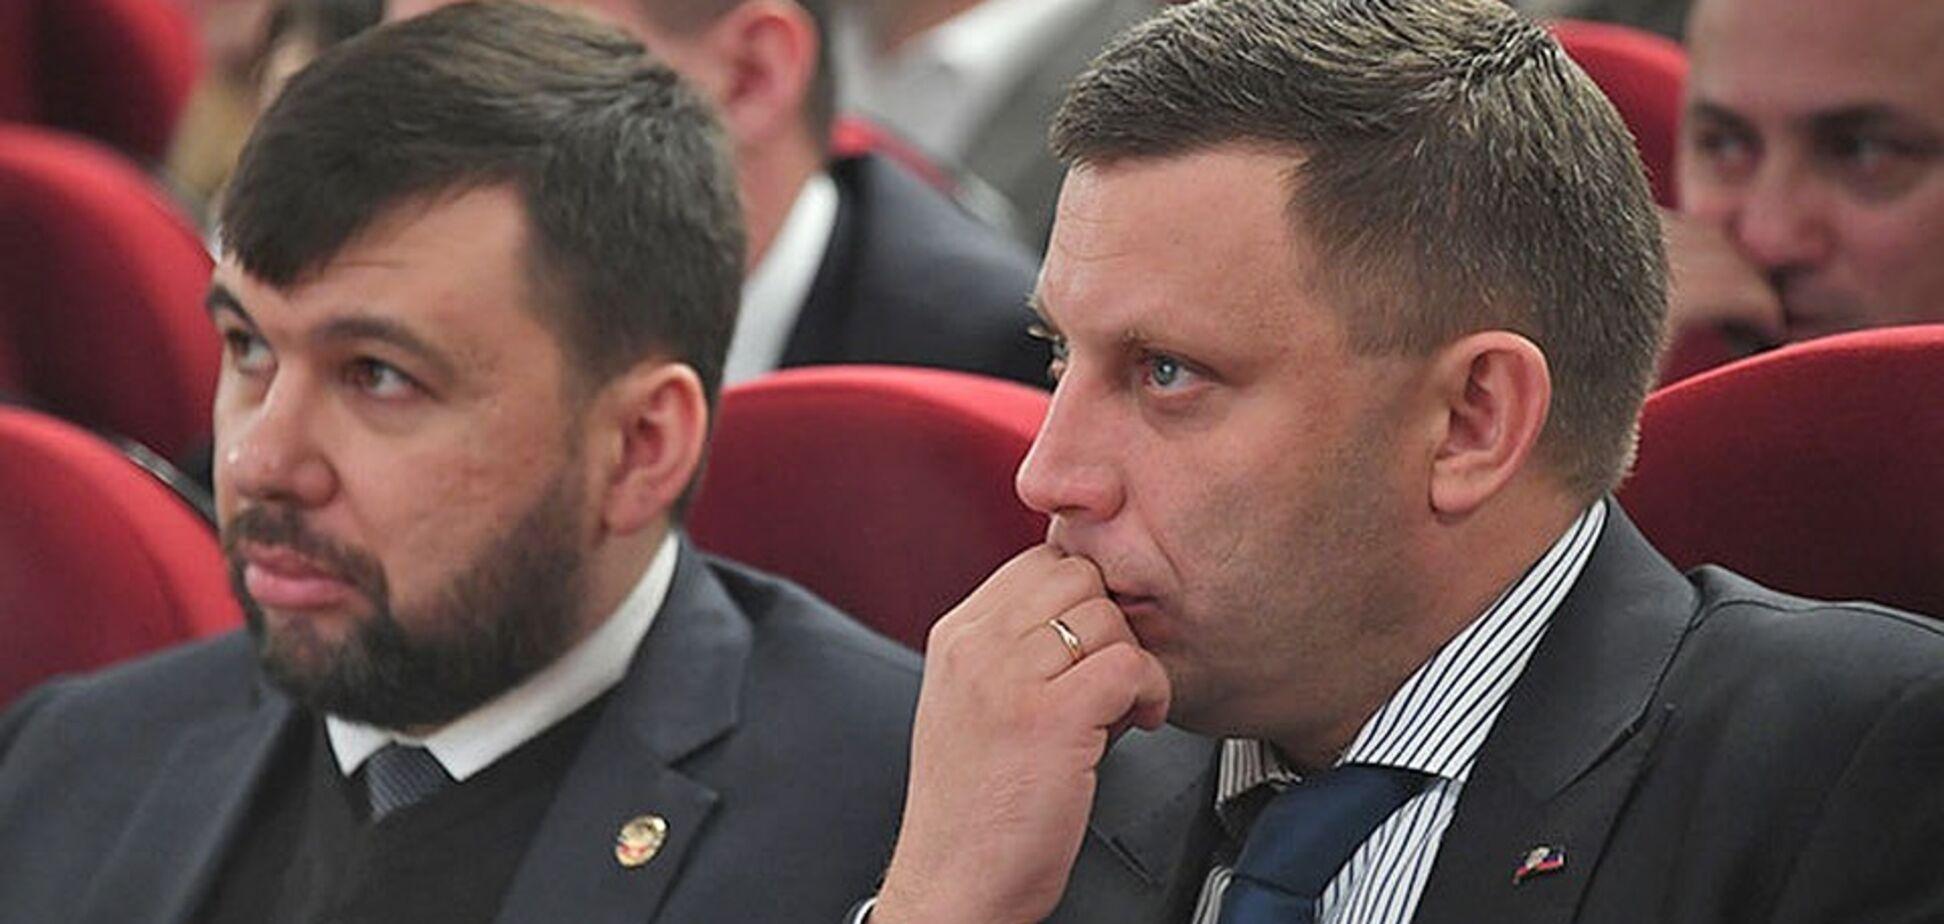 Захарченка вбили свої? Терористи 'ДНР' випадково 'спалились'  після резонансного аудіо СБУ